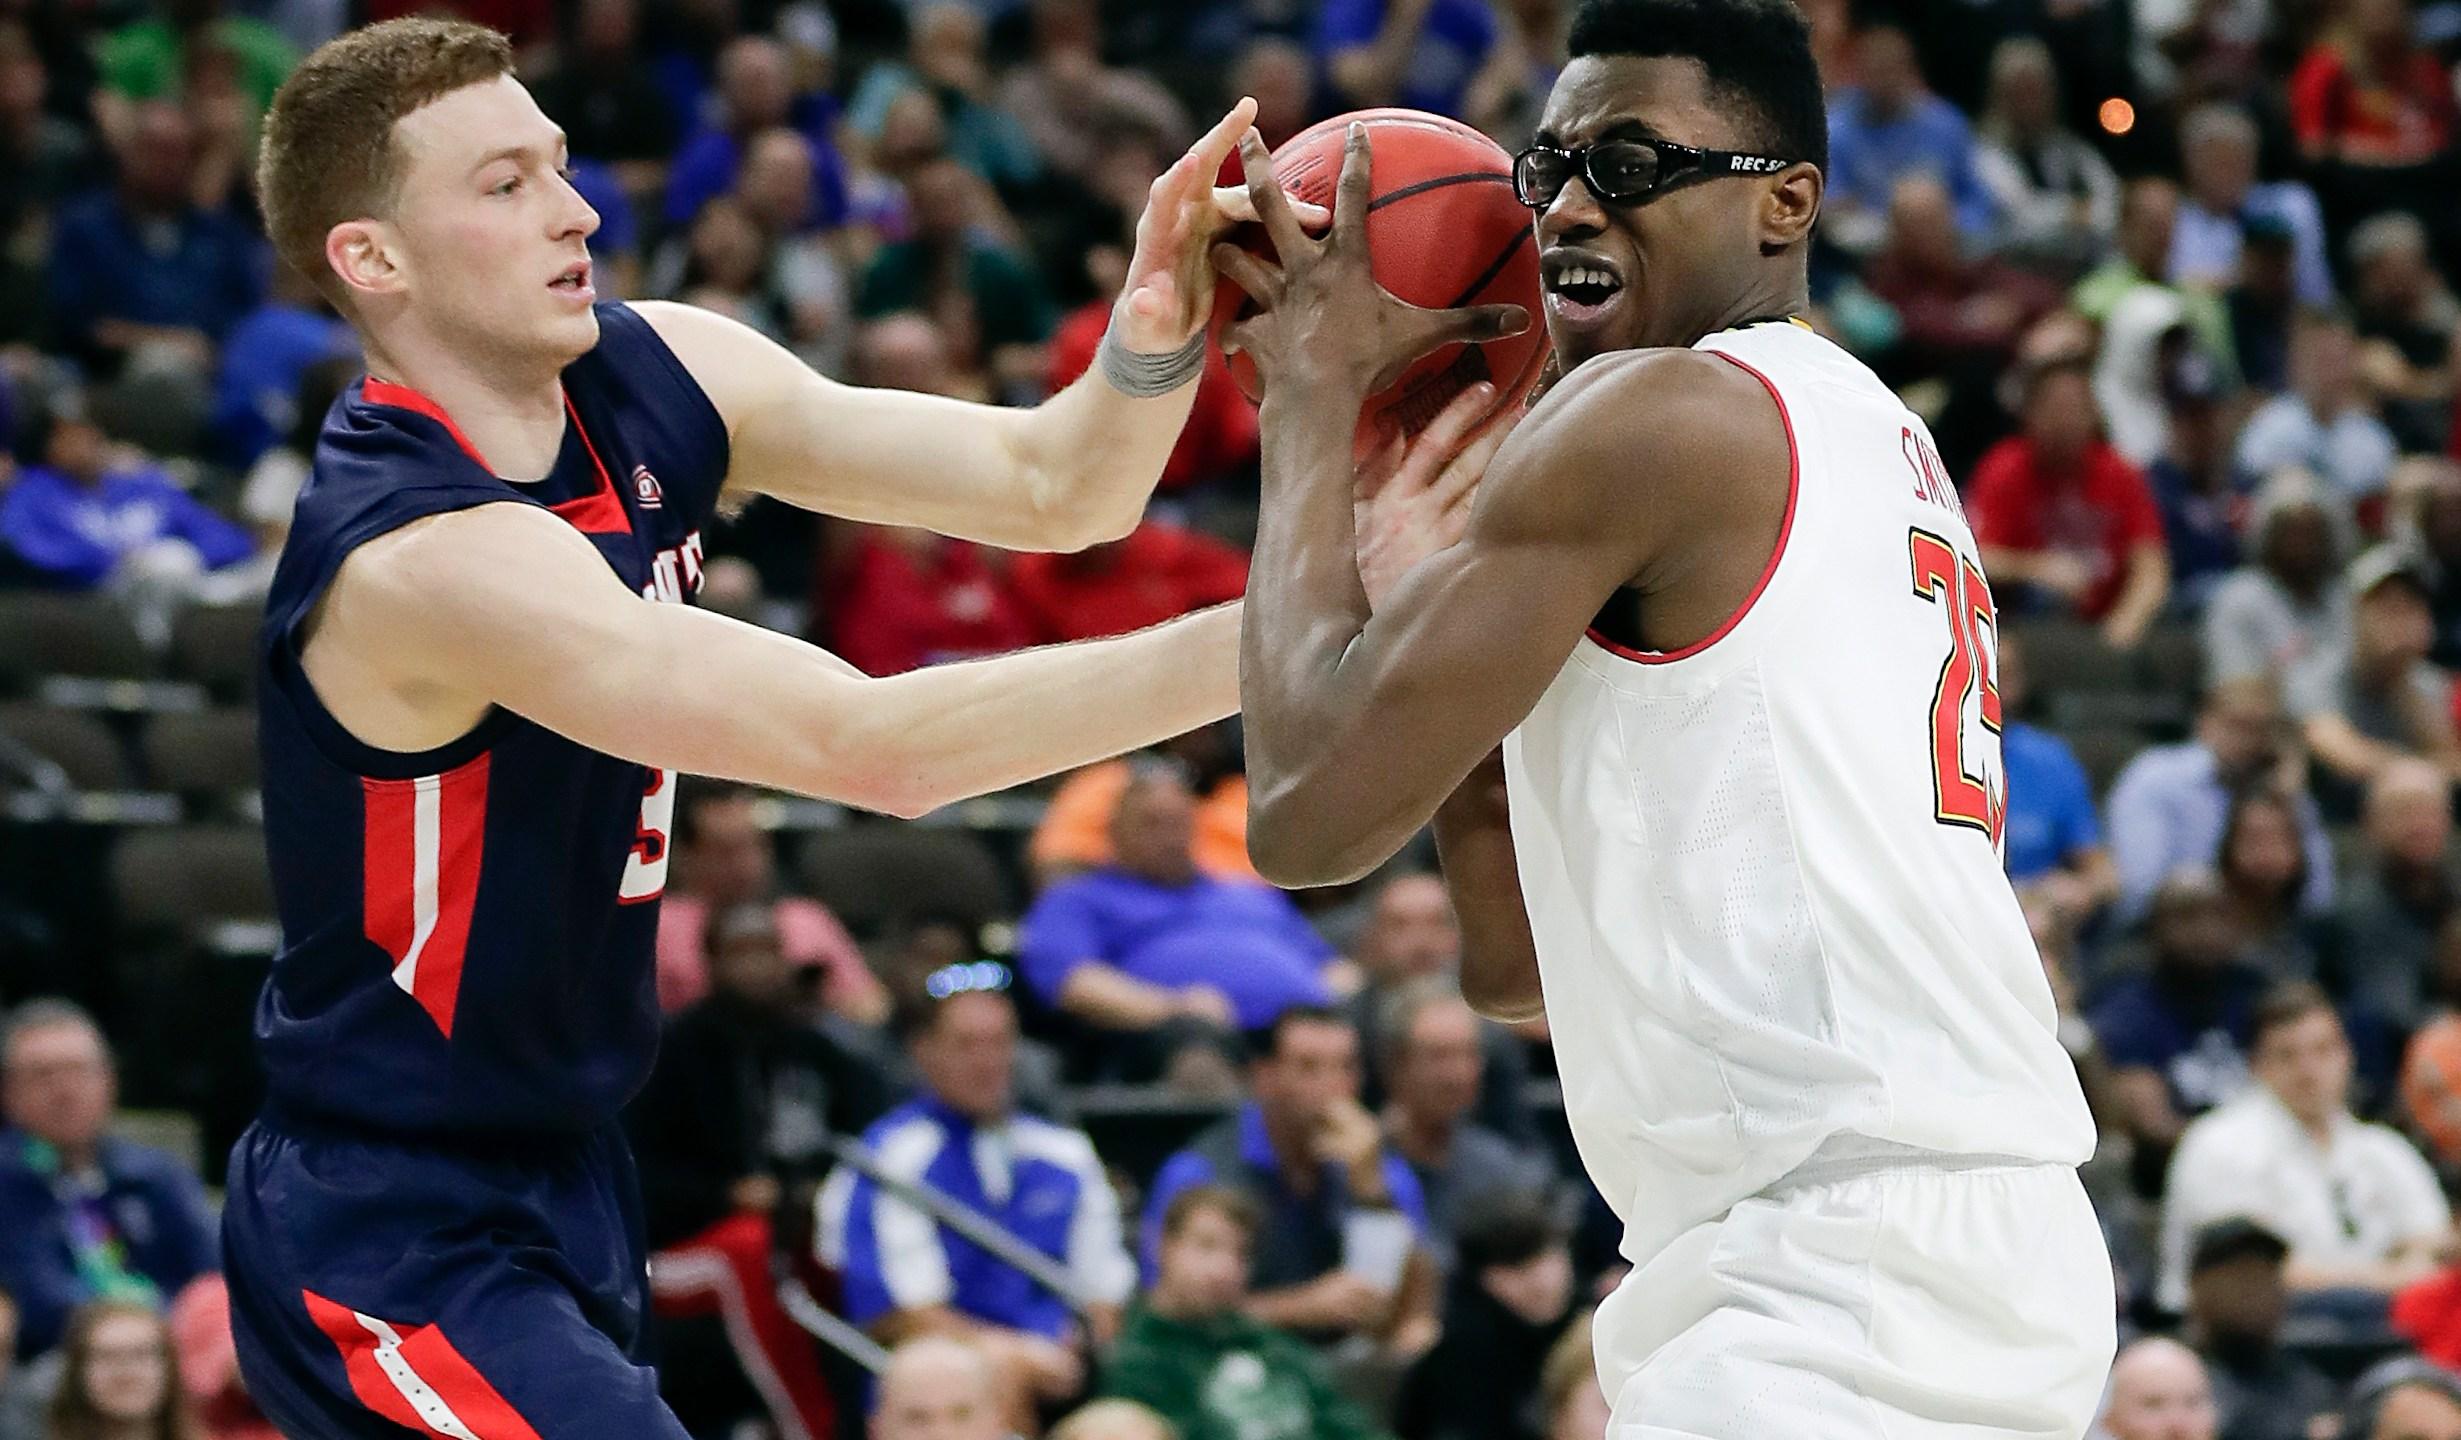 NCAA_Belmont_Maryland_Basketball_34429-159532.jpg05695421